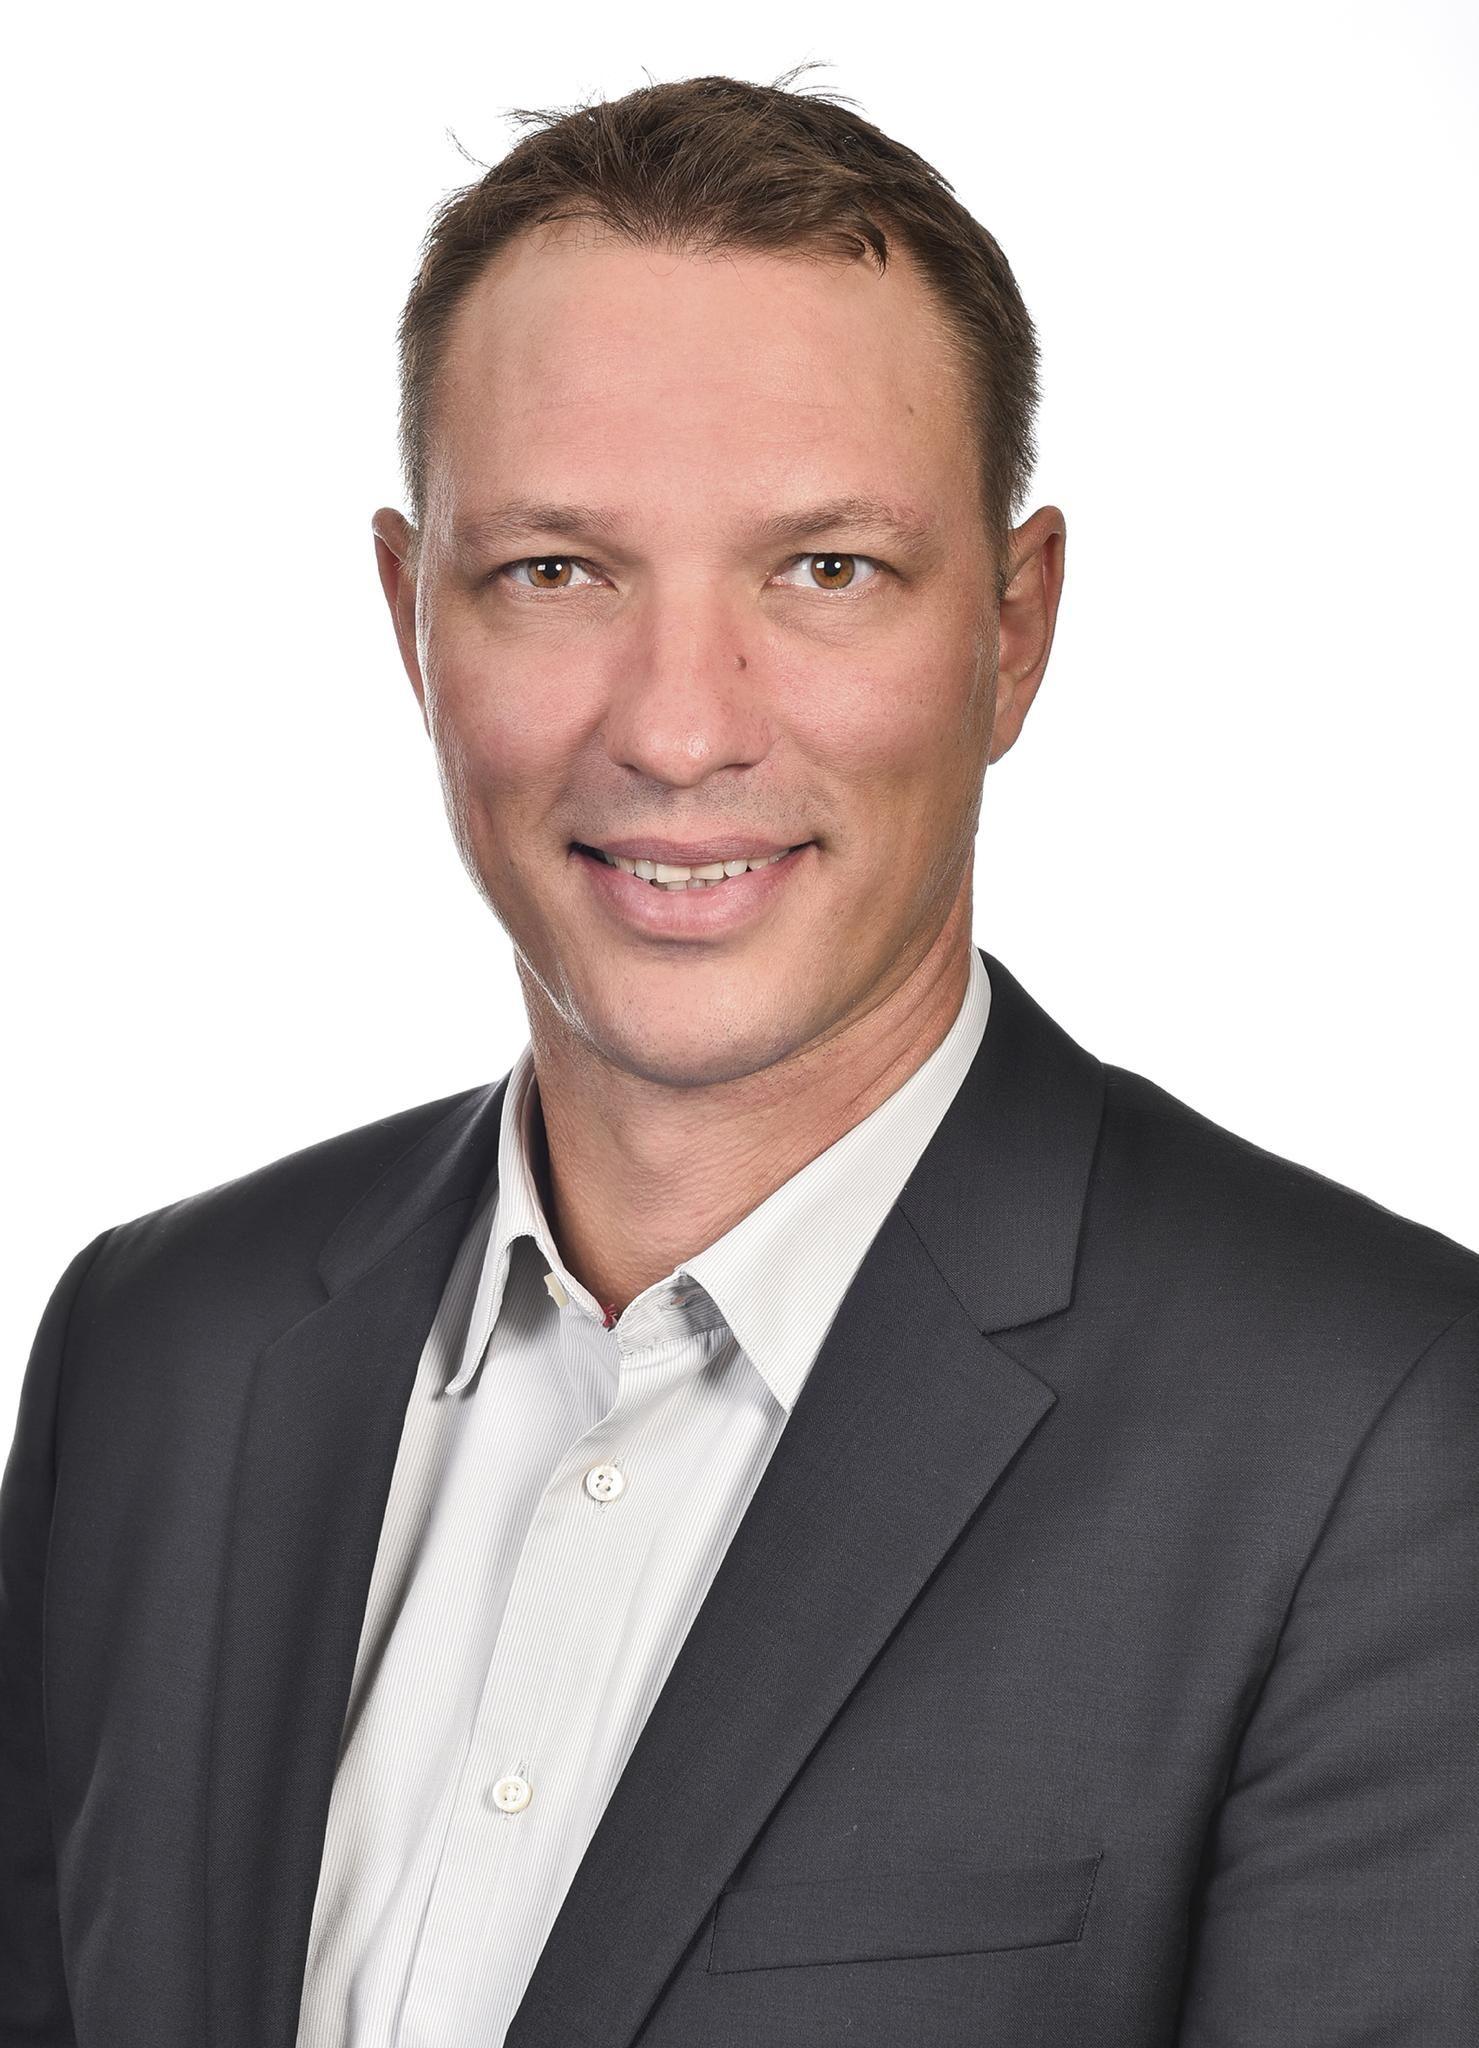 Michael Zweck